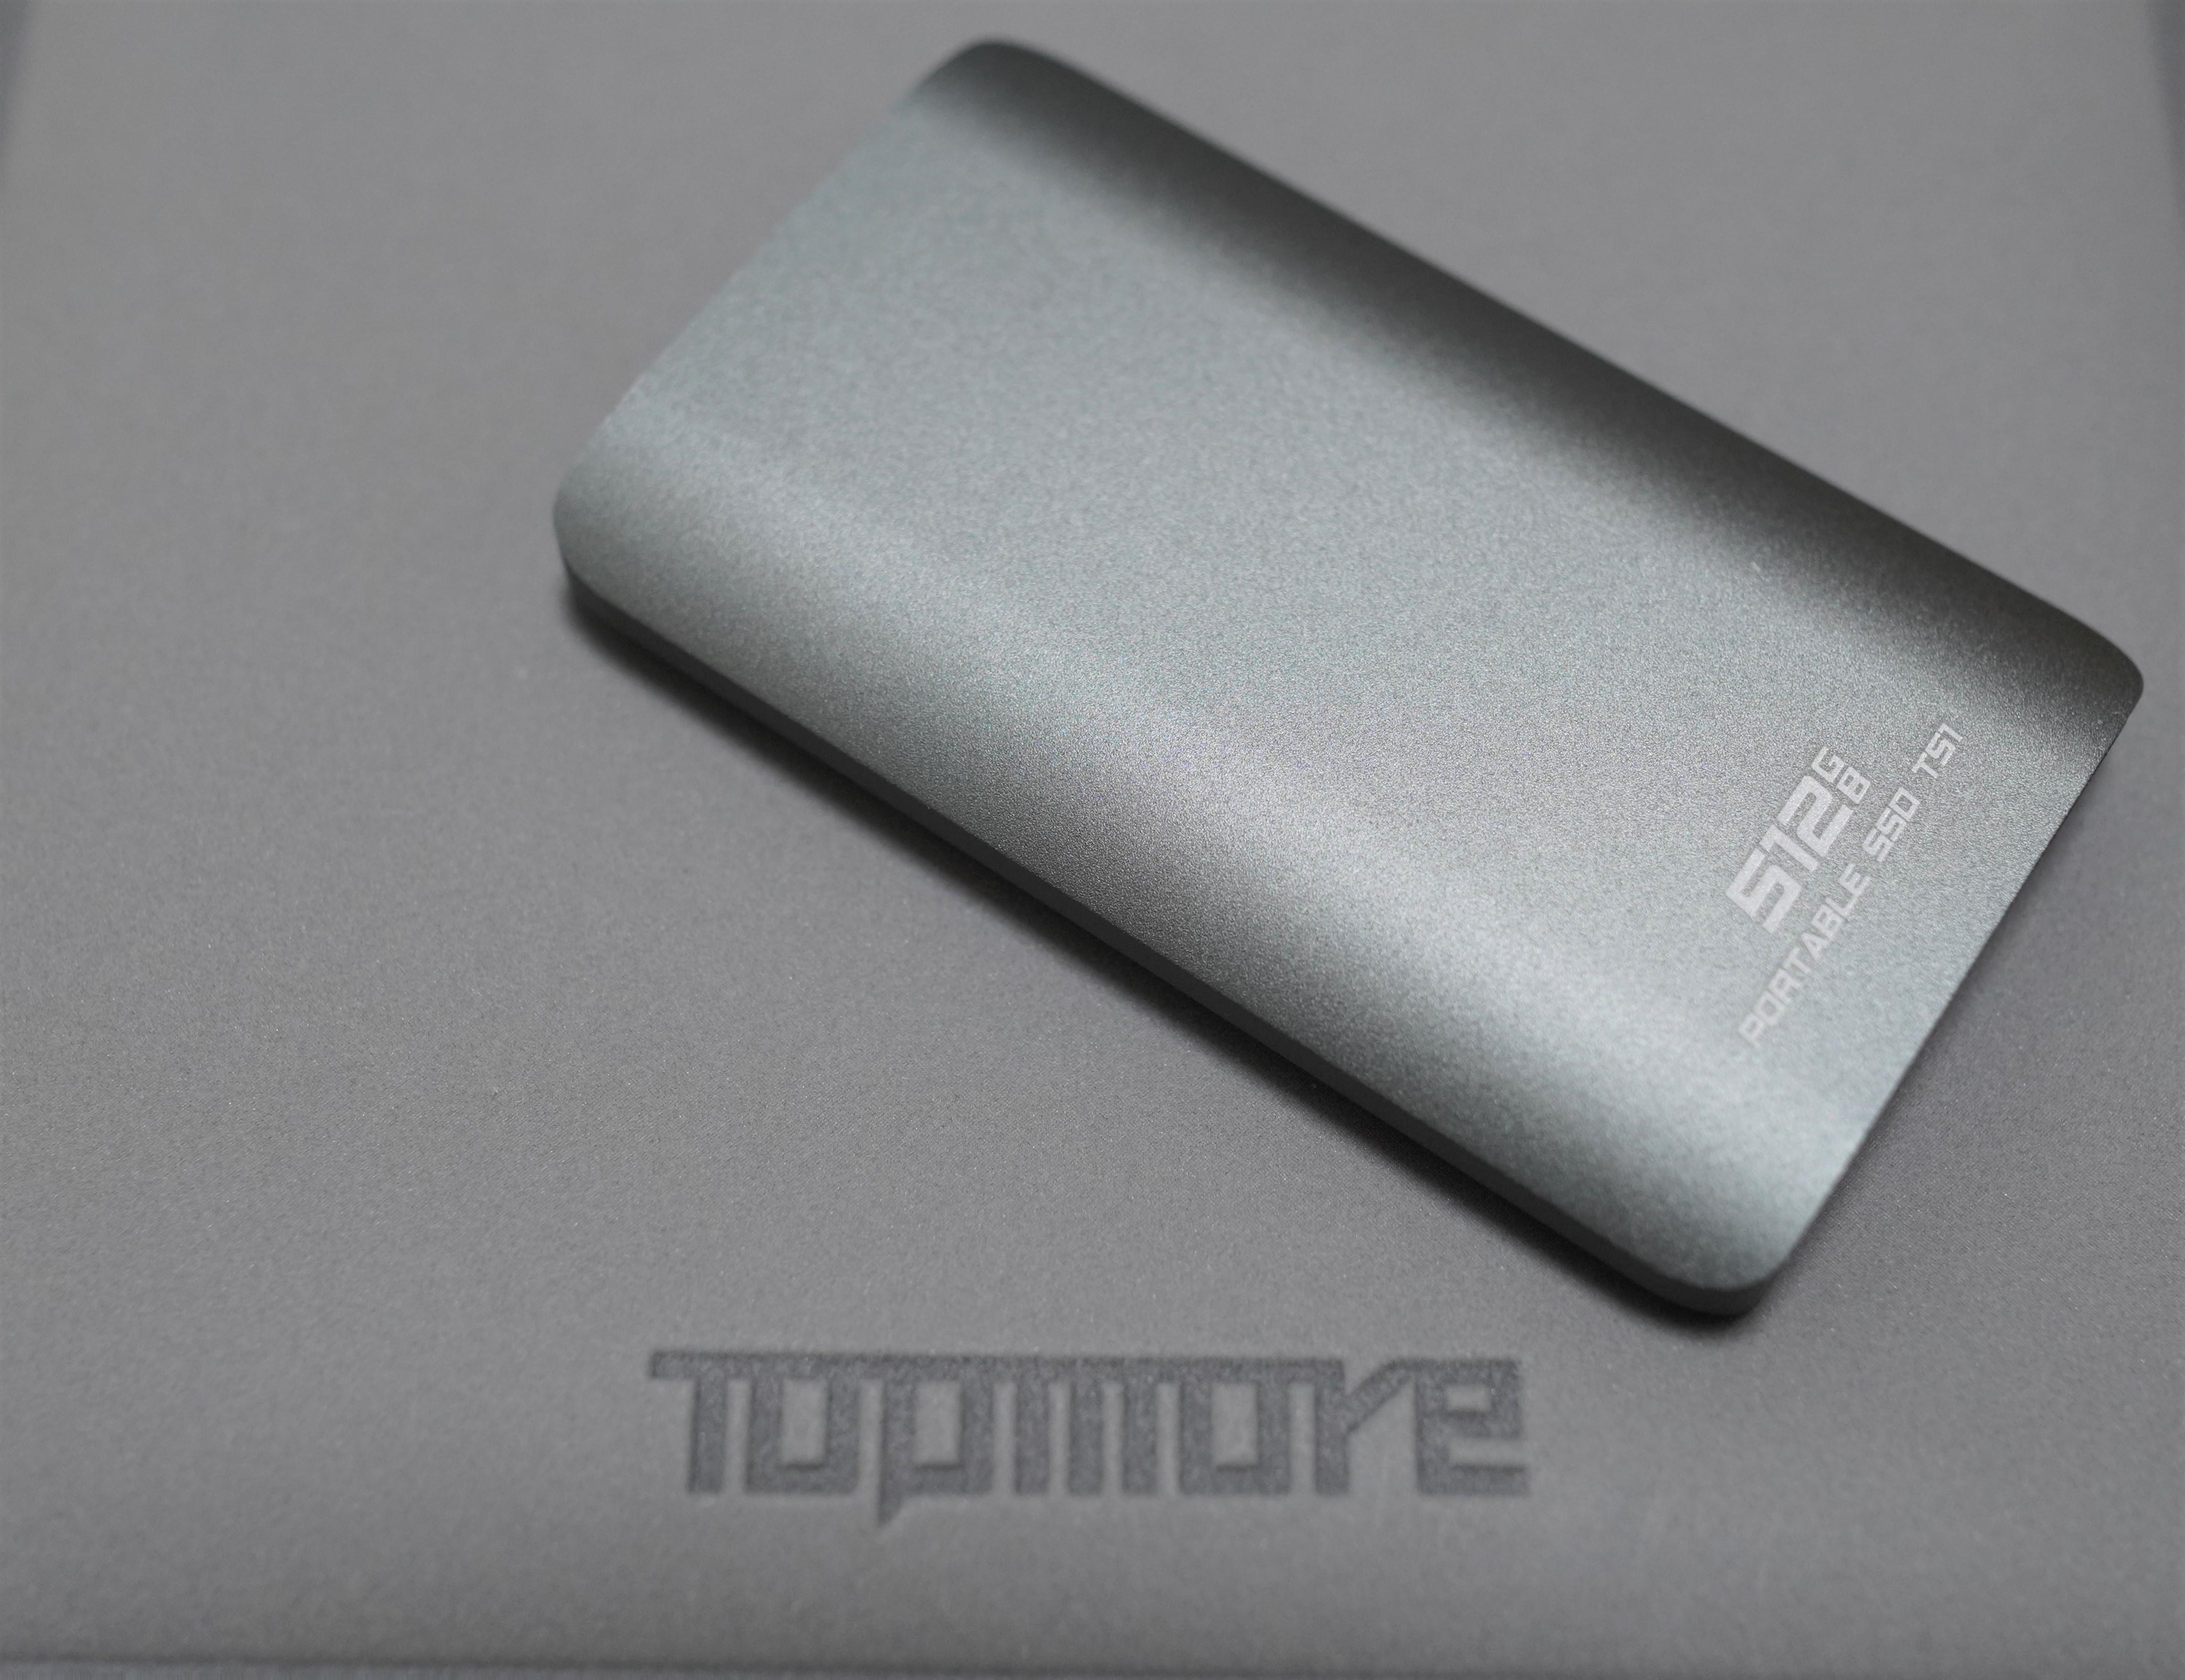 「開箱分享」Topmore Portable SSD TS1 外接式固態硬碟,高速讀寫、輕巧攜帶, PC、PS5、PS4、智慧型手機均可使用